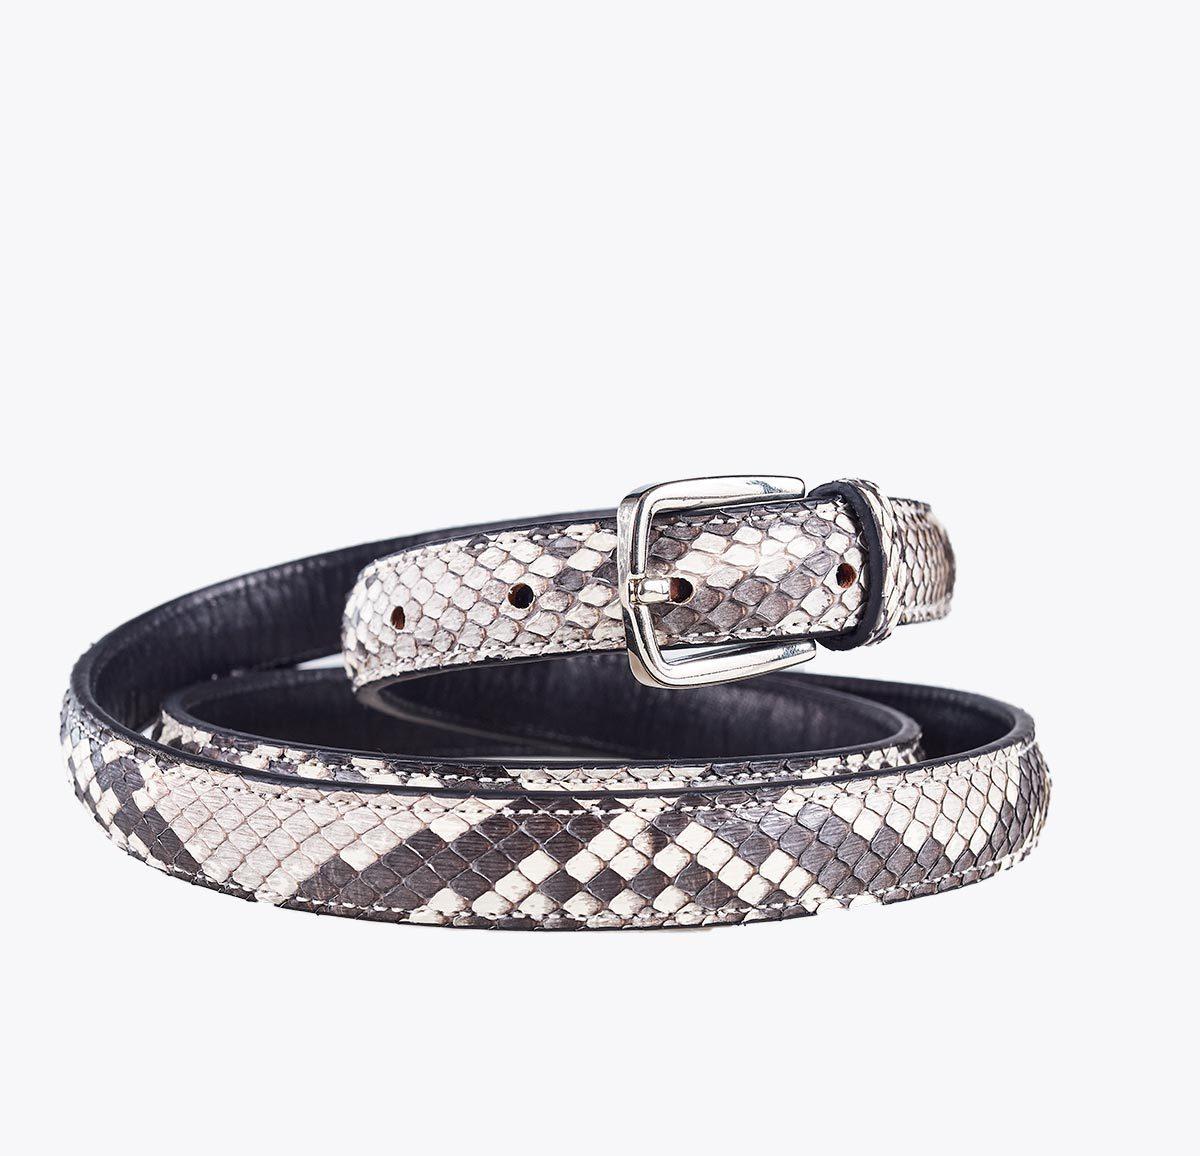 Cinturón pitón 20mm. Accesorios y complementos en mandalashoes. Accessories in mandalashoes. Zubehör in Mandalas.